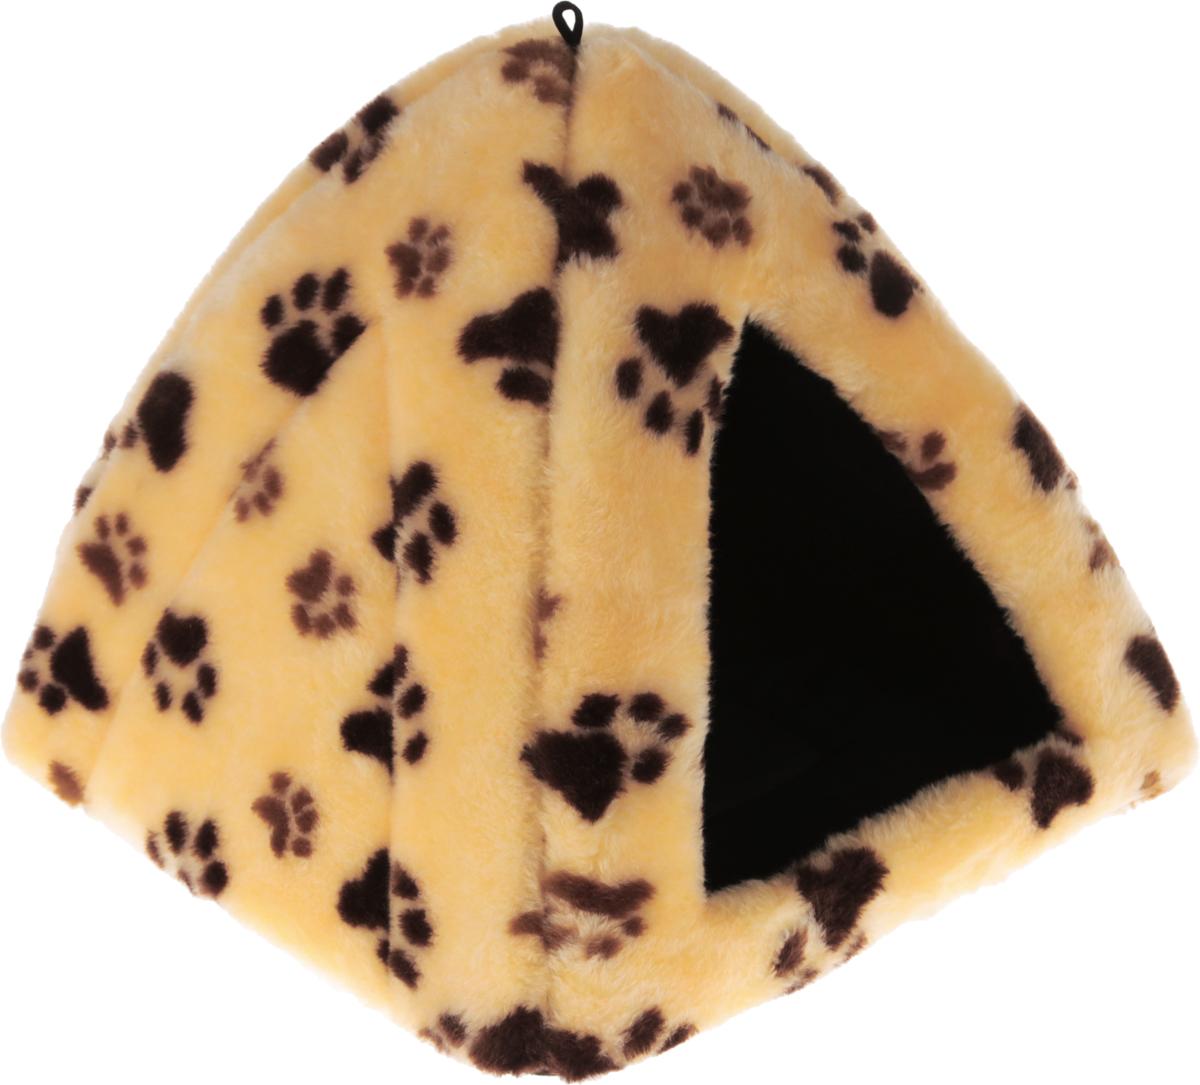 Домик для животных Elite Valley Вигвам, цвет: персиковый, коричневый, бежевый, 40 х 40 х 37 см0120710Домик для животных Elite Valley Вигвам непременно станет любимым местом отдыха вашего домашнего животного. Предназначен для собак мелких пород и кошек. Изделие выполнено из искусственного меха с принтом в виде следов от лапок. Внутри - мягкий и упругий поролоновый наполнитель, который прекрасно держит форму и не теряет ее долгое время. В таком домике вашему любимцу будет мягко и тепло. Он подарит вашему питомцу ощущение уюта и уединенности.